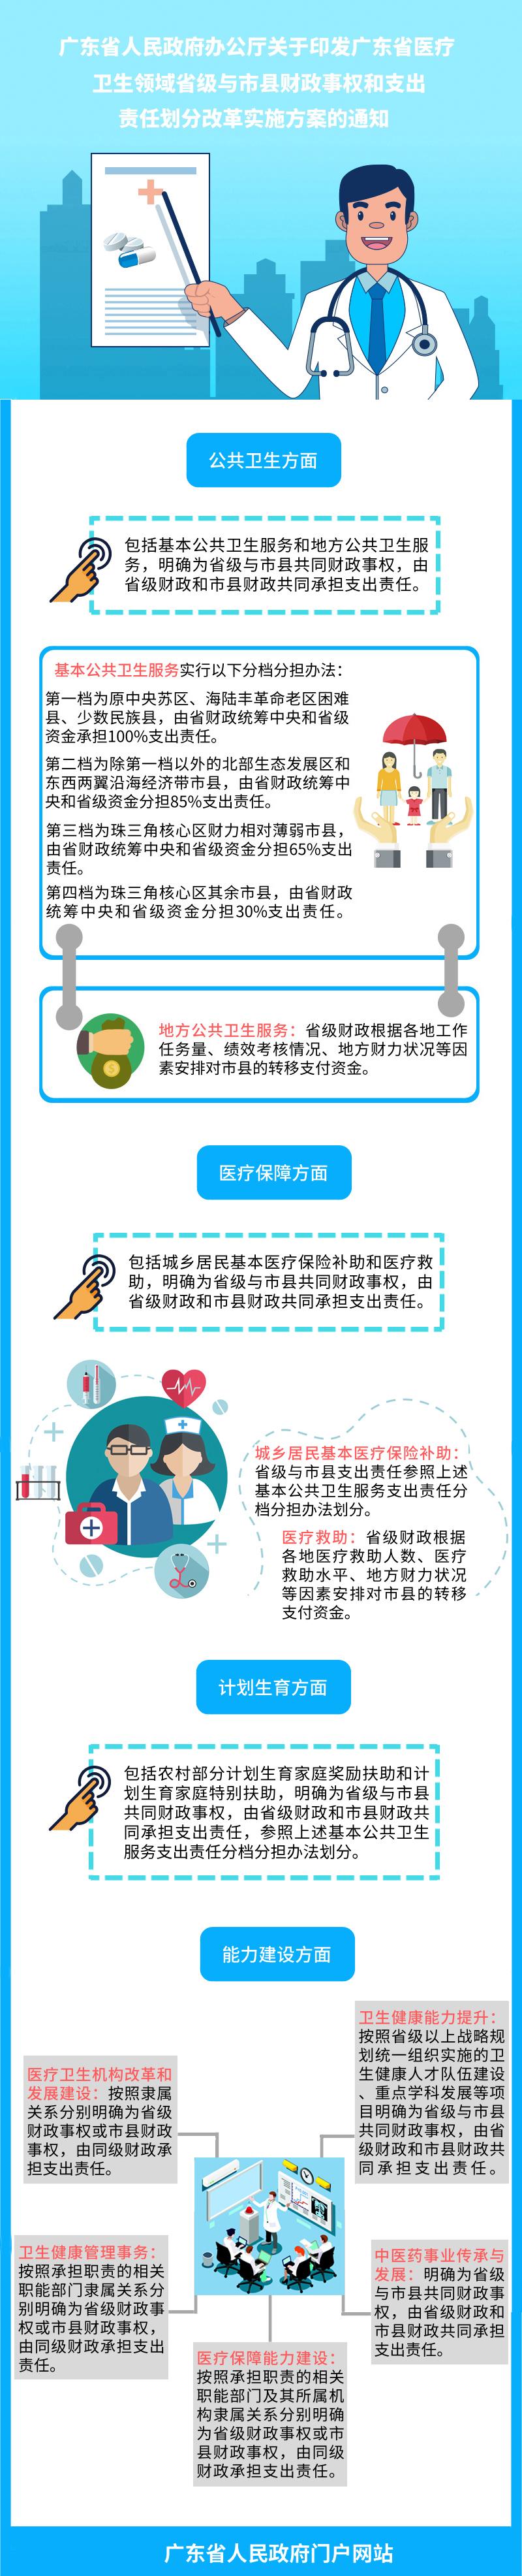 一图看懂广东省医疗卫生领域省级与市县财政事权和支出责任划分改革实施方案.jpg